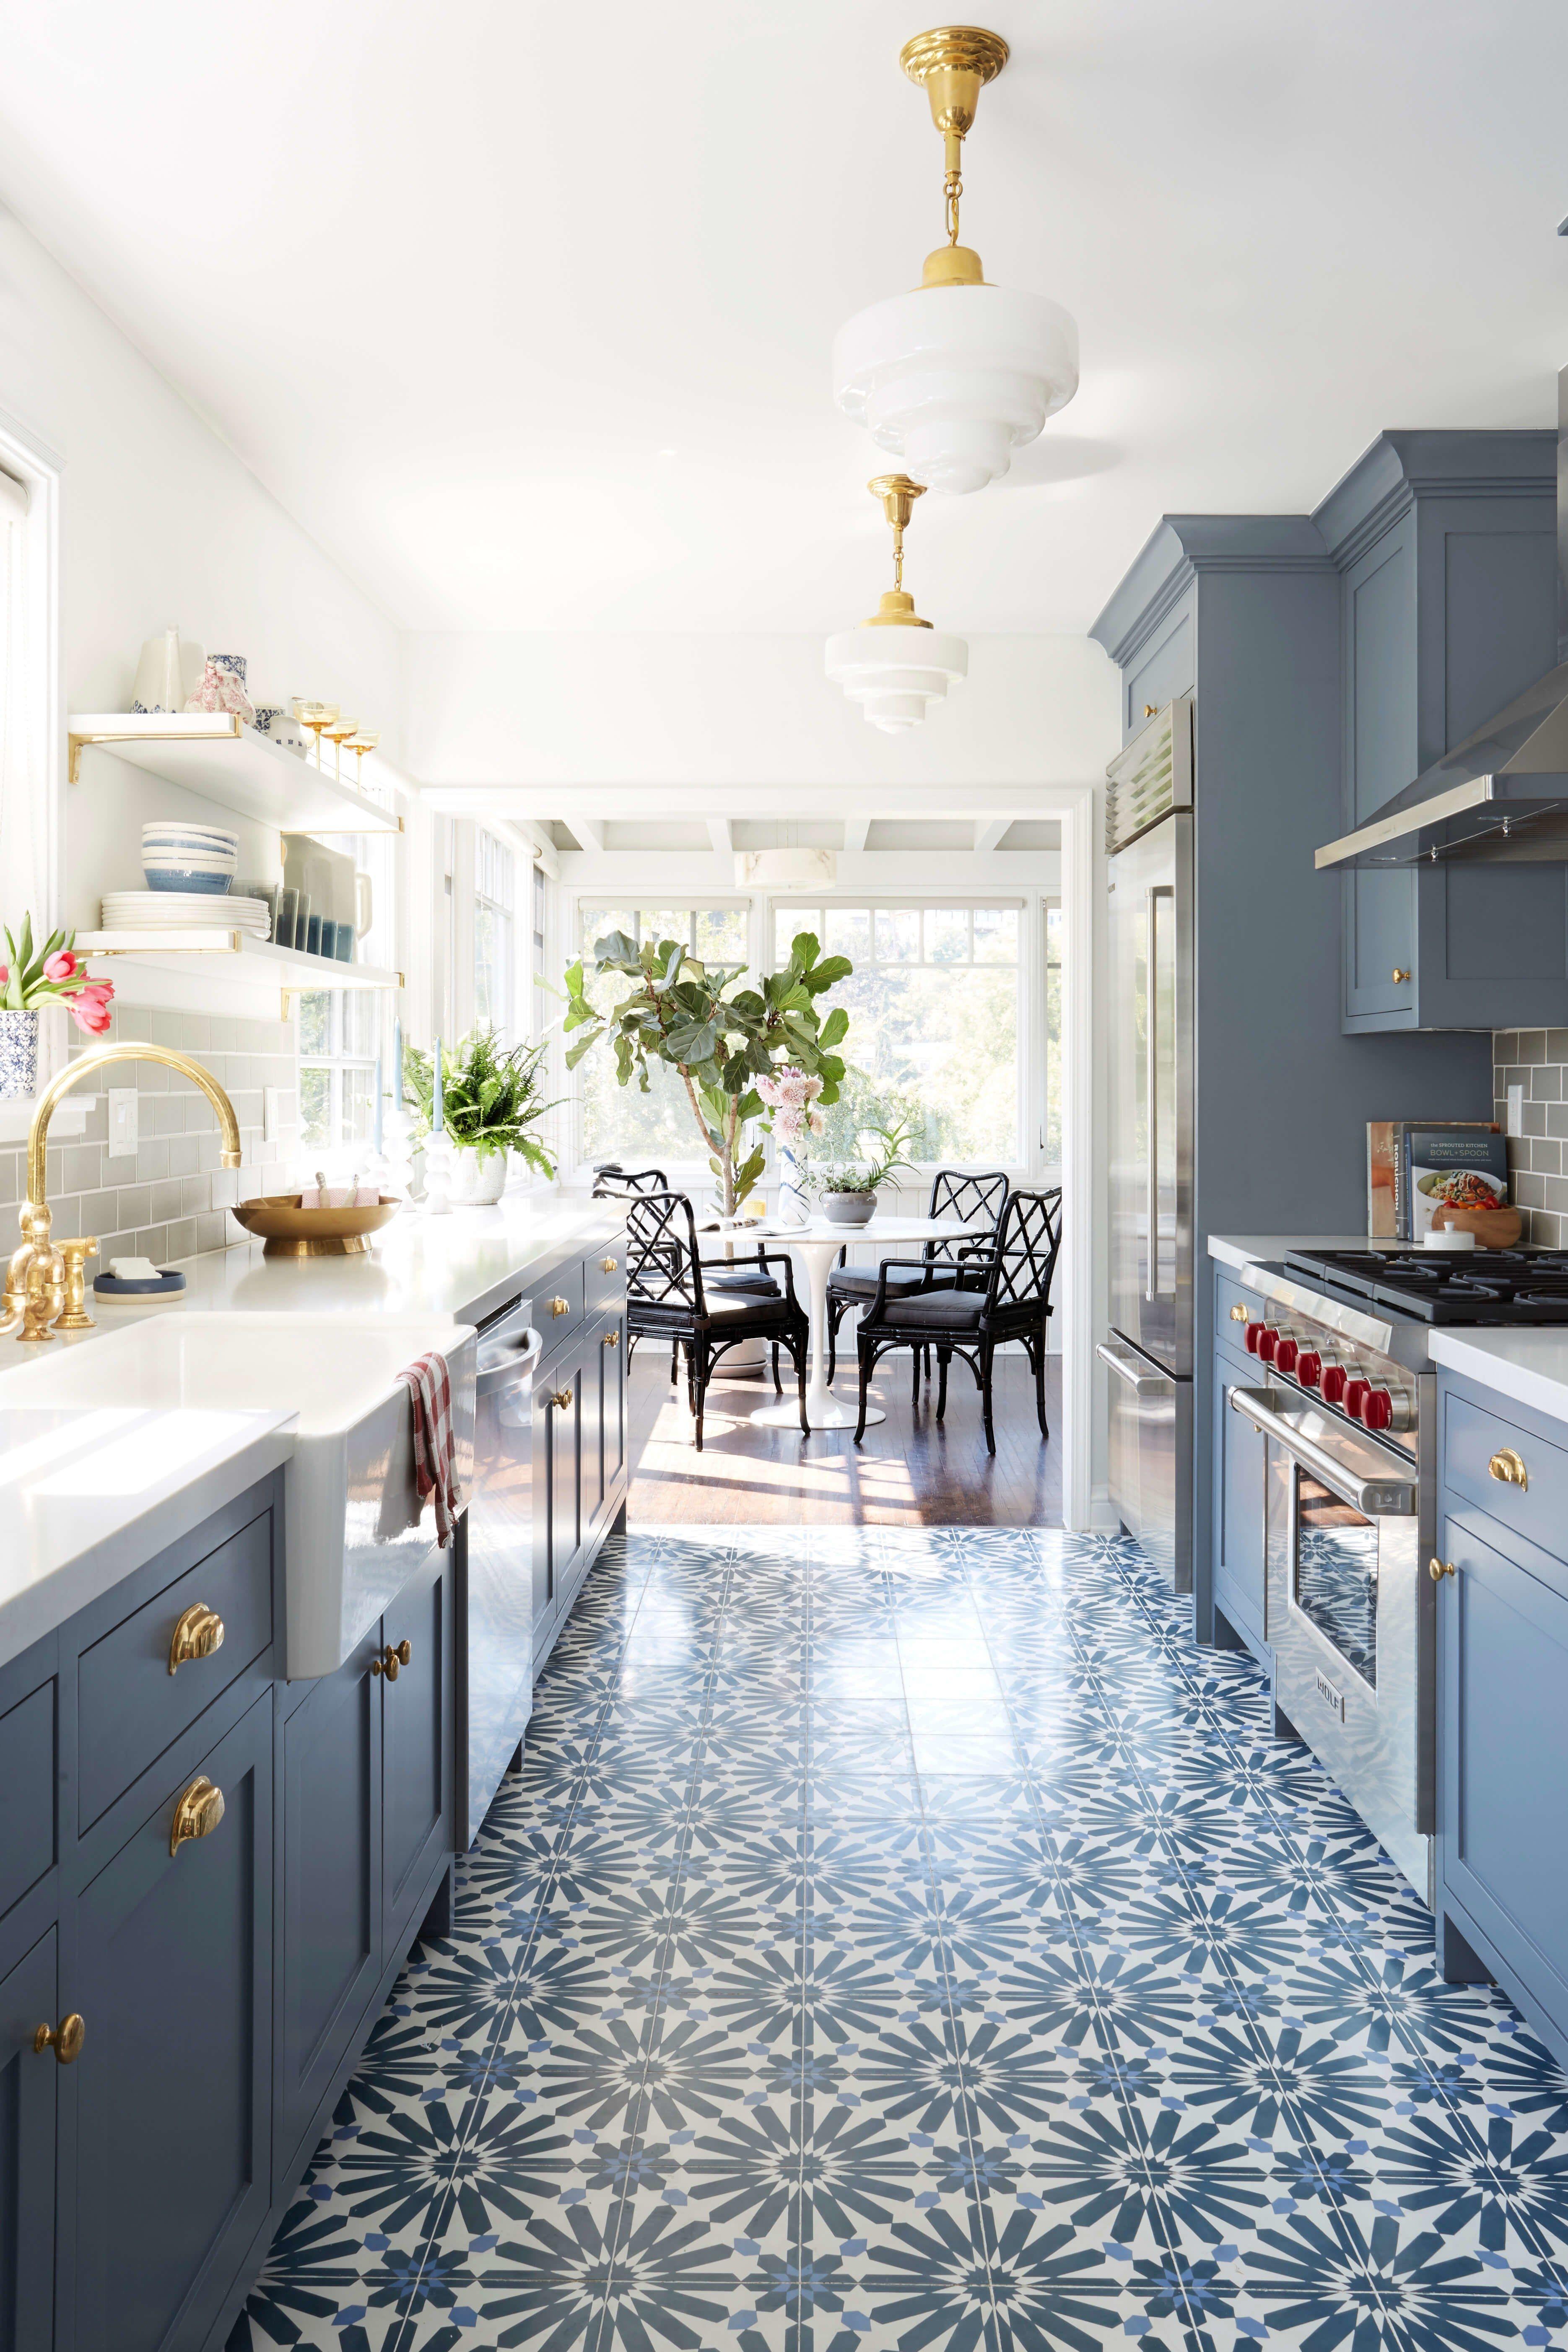 Wonderful Wood Kitchen Design Ideas For Cozy Kitchen Inspiration 03